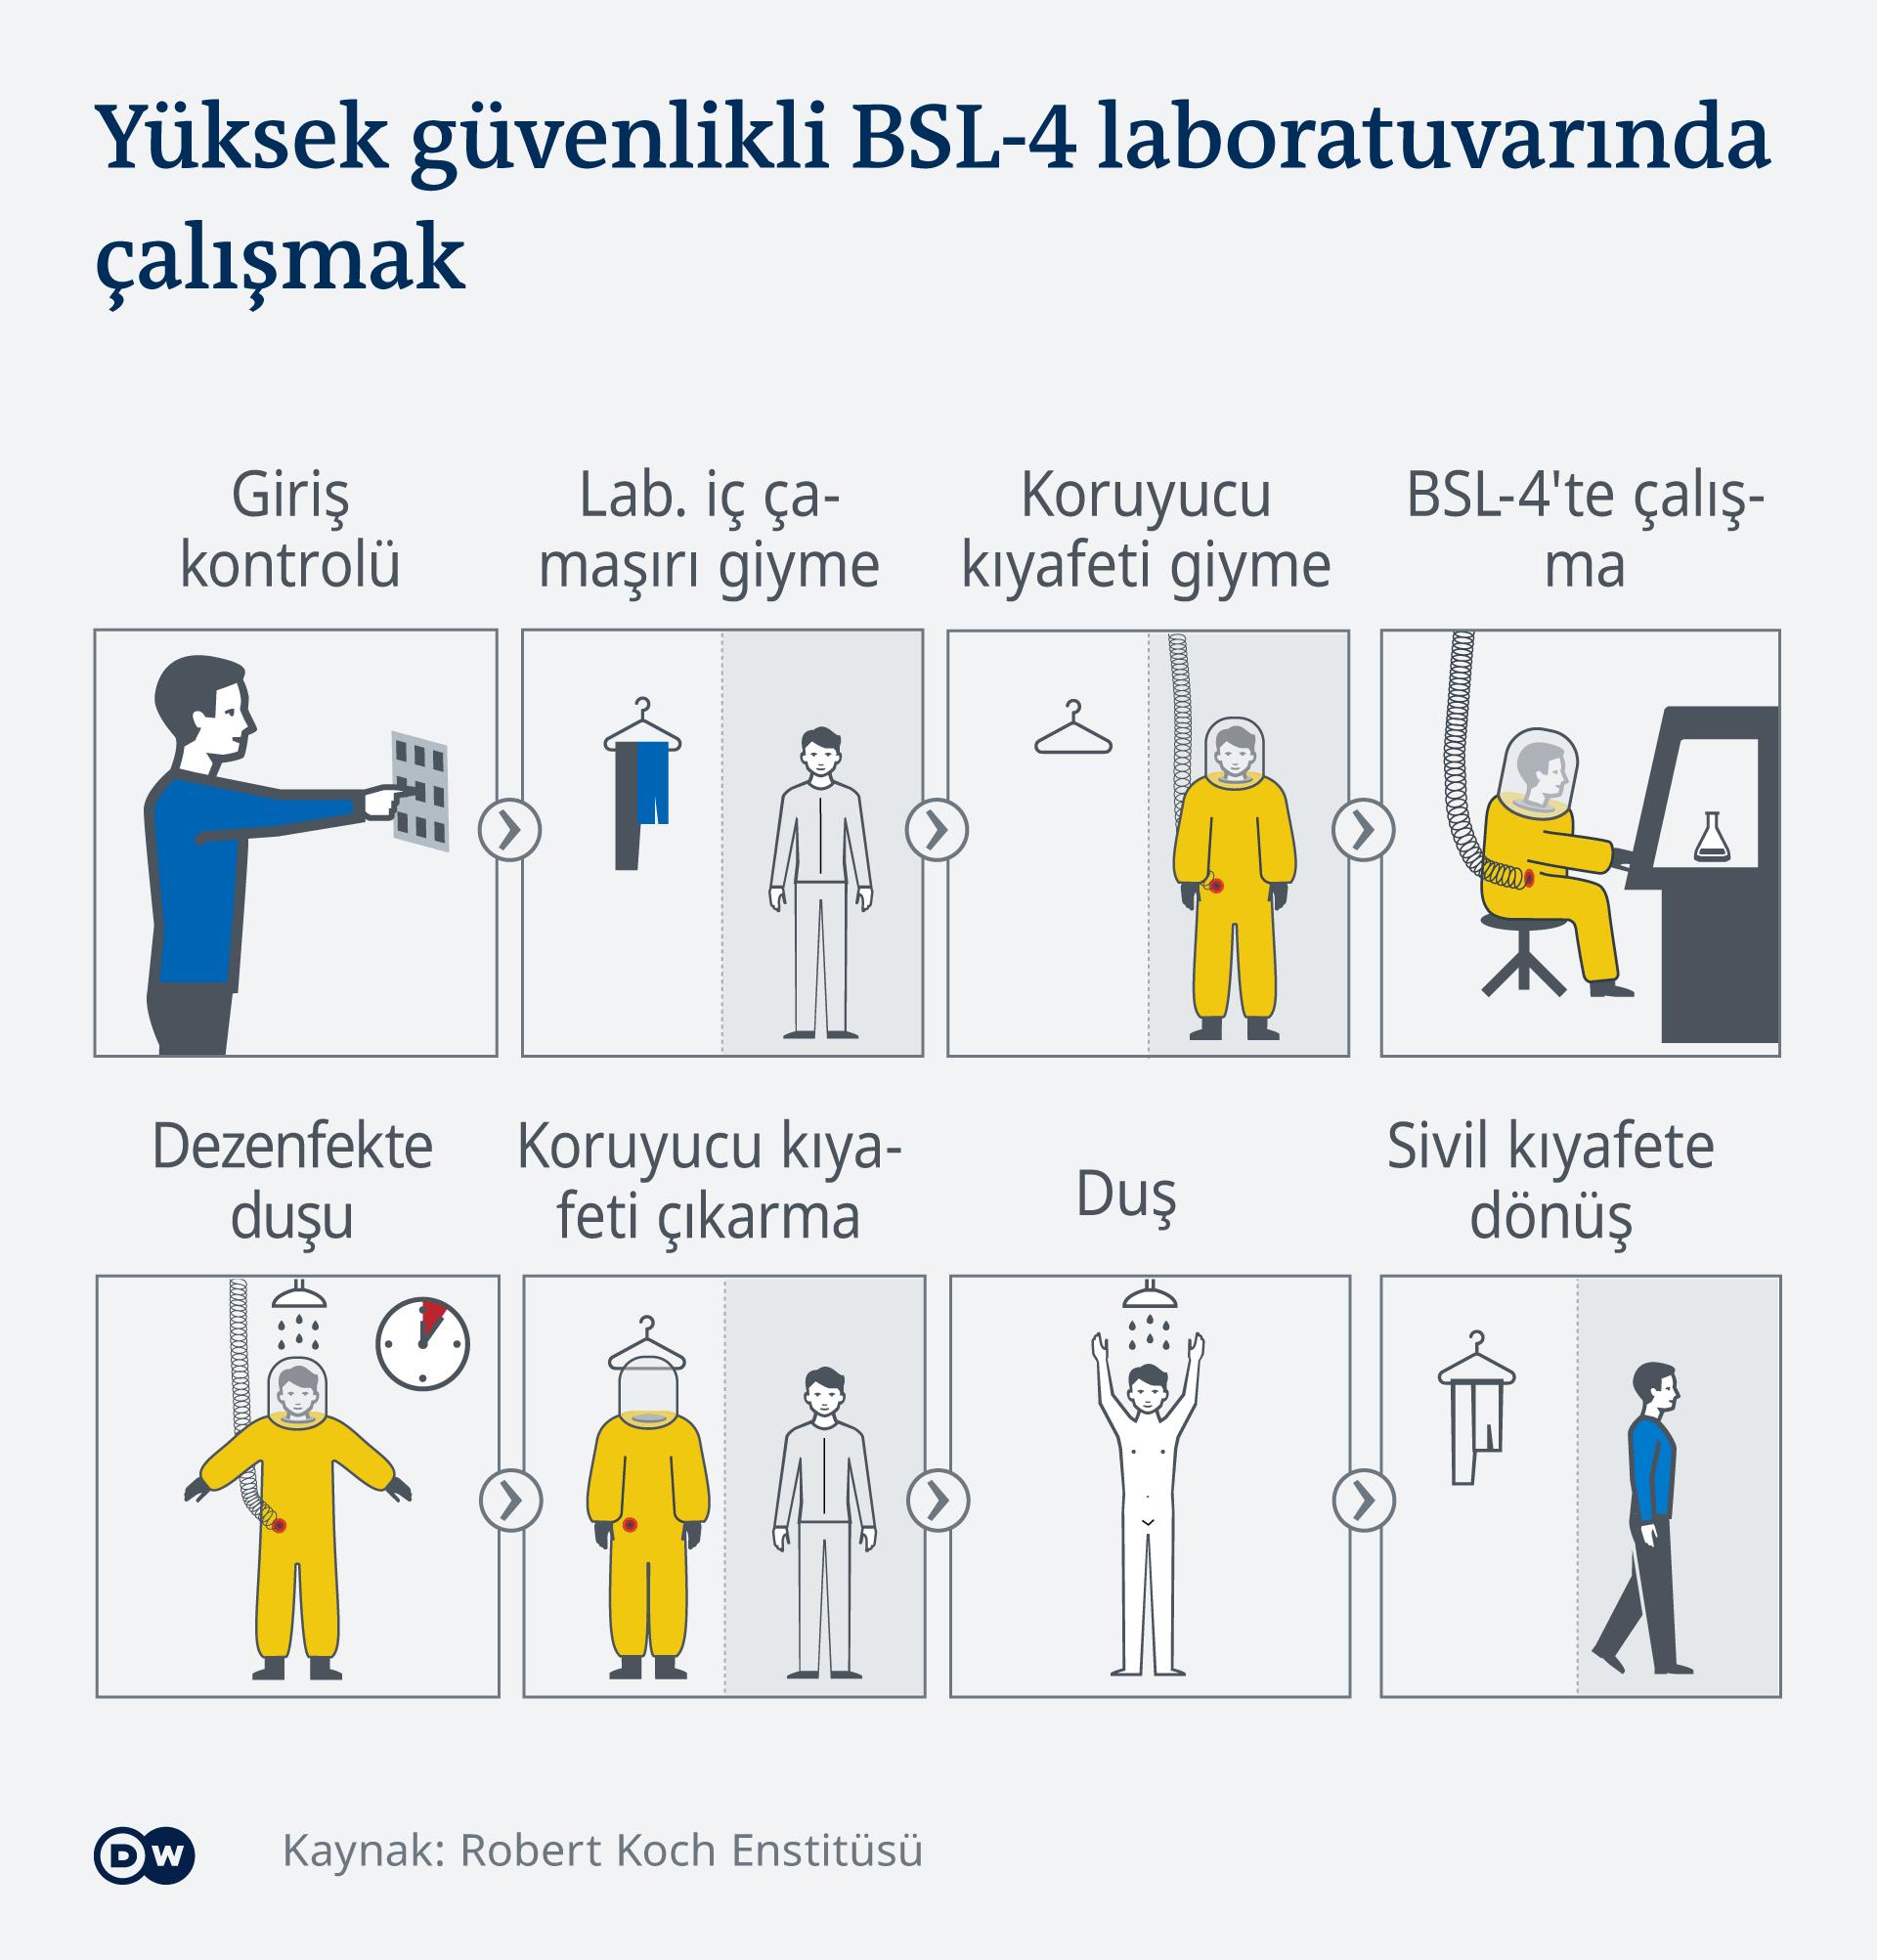 Infografik - Arbeiten im Hochsicherheitsloabor S4 -TR